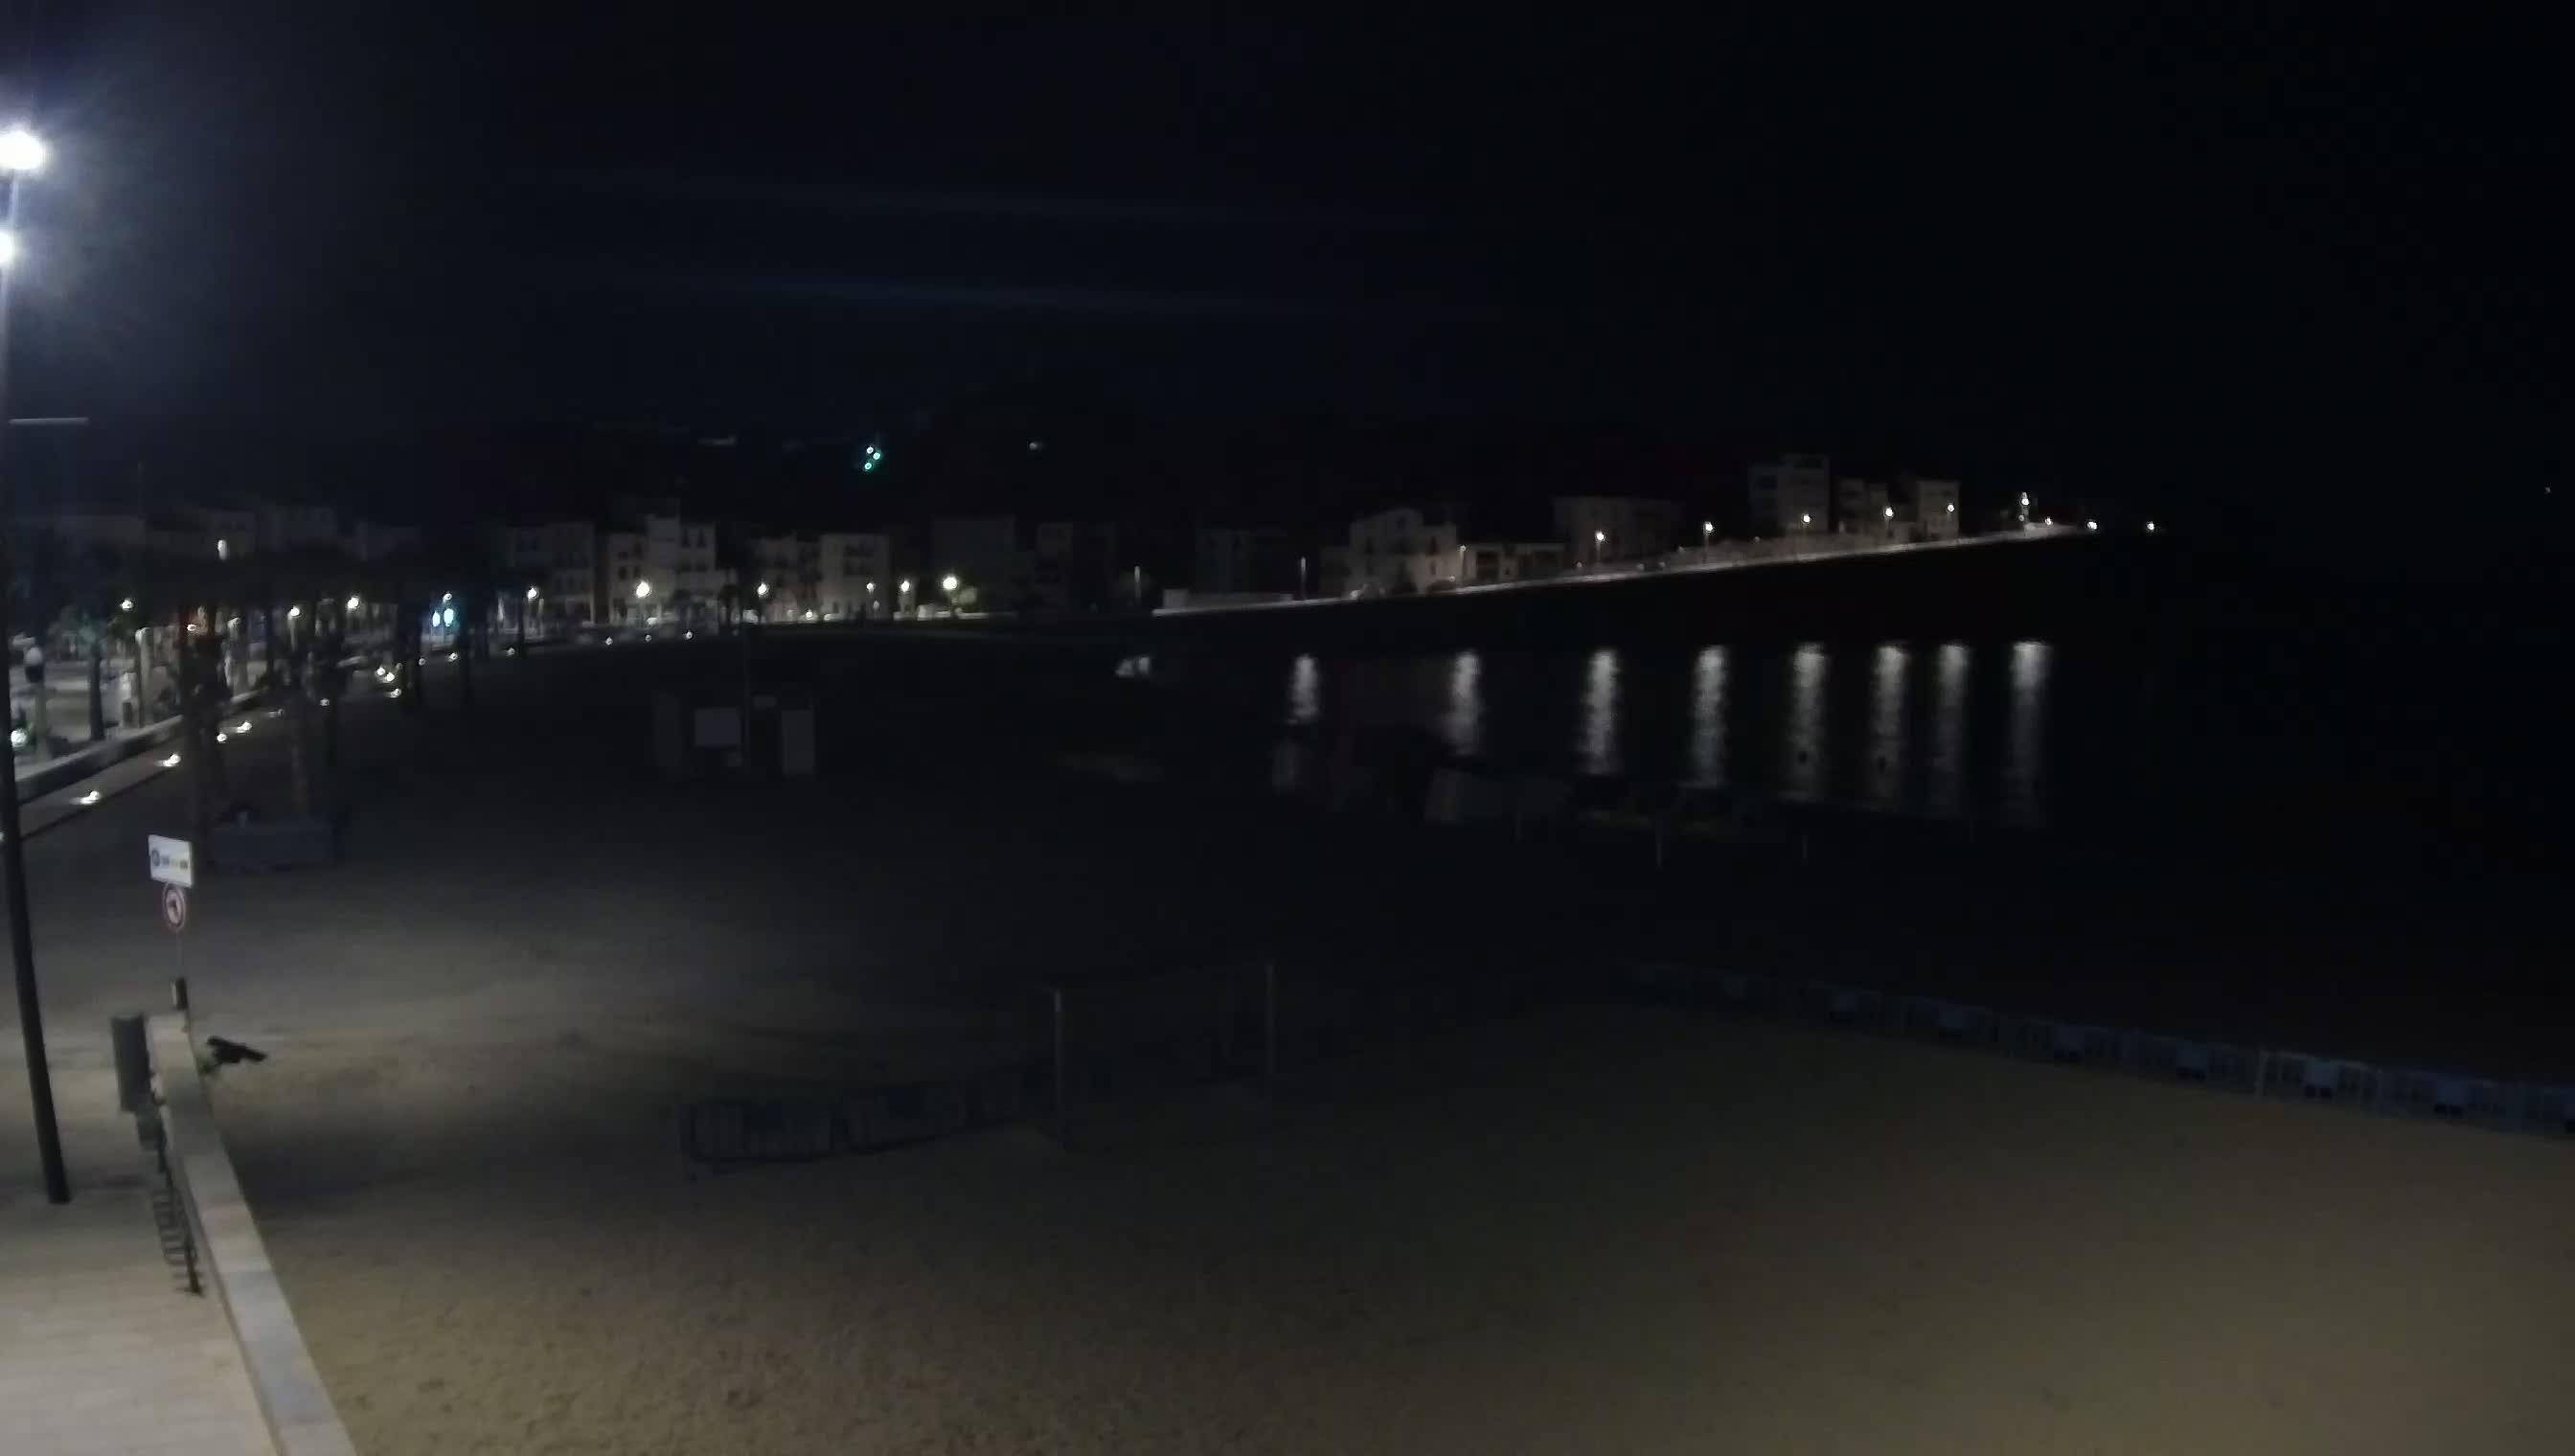 Banyuls-sur-Mer Sat. 03:22